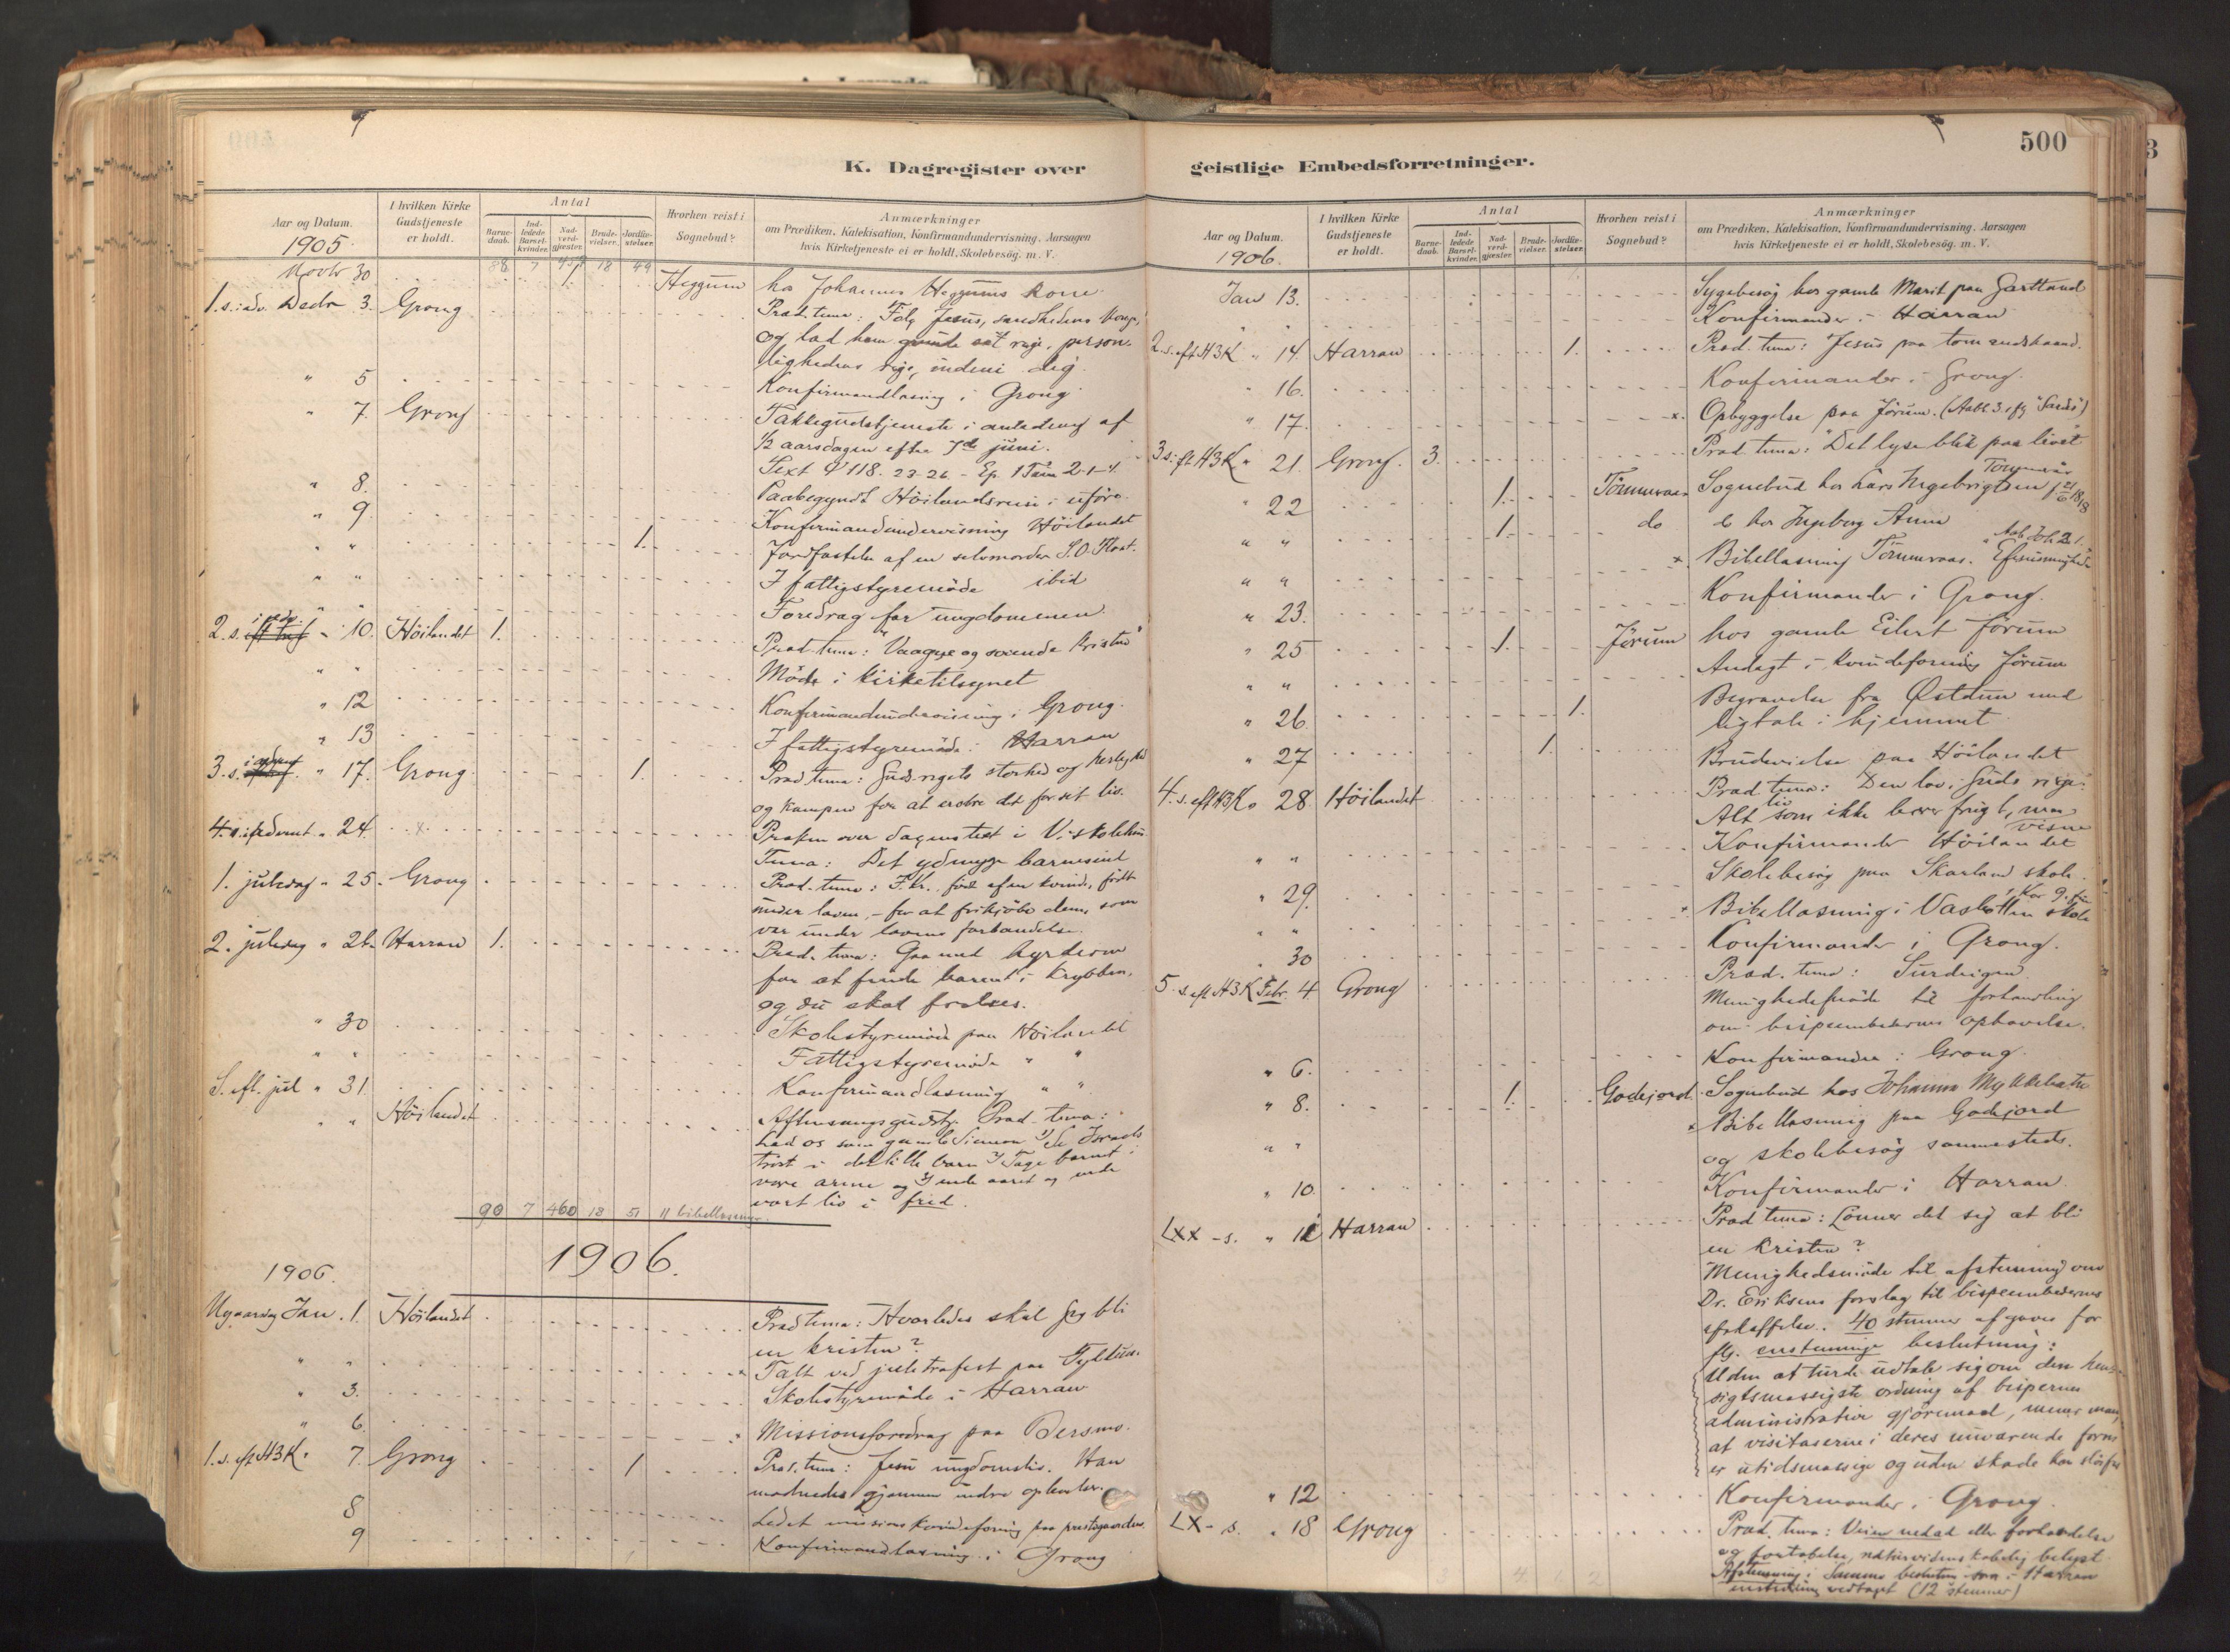 SAT, Ministerialprotokoller, klokkerbøker og fødselsregistre - Nord-Trøndelag, 758/L0519: Ministerialbok nr. 758A04, 1880-1926, s. 500